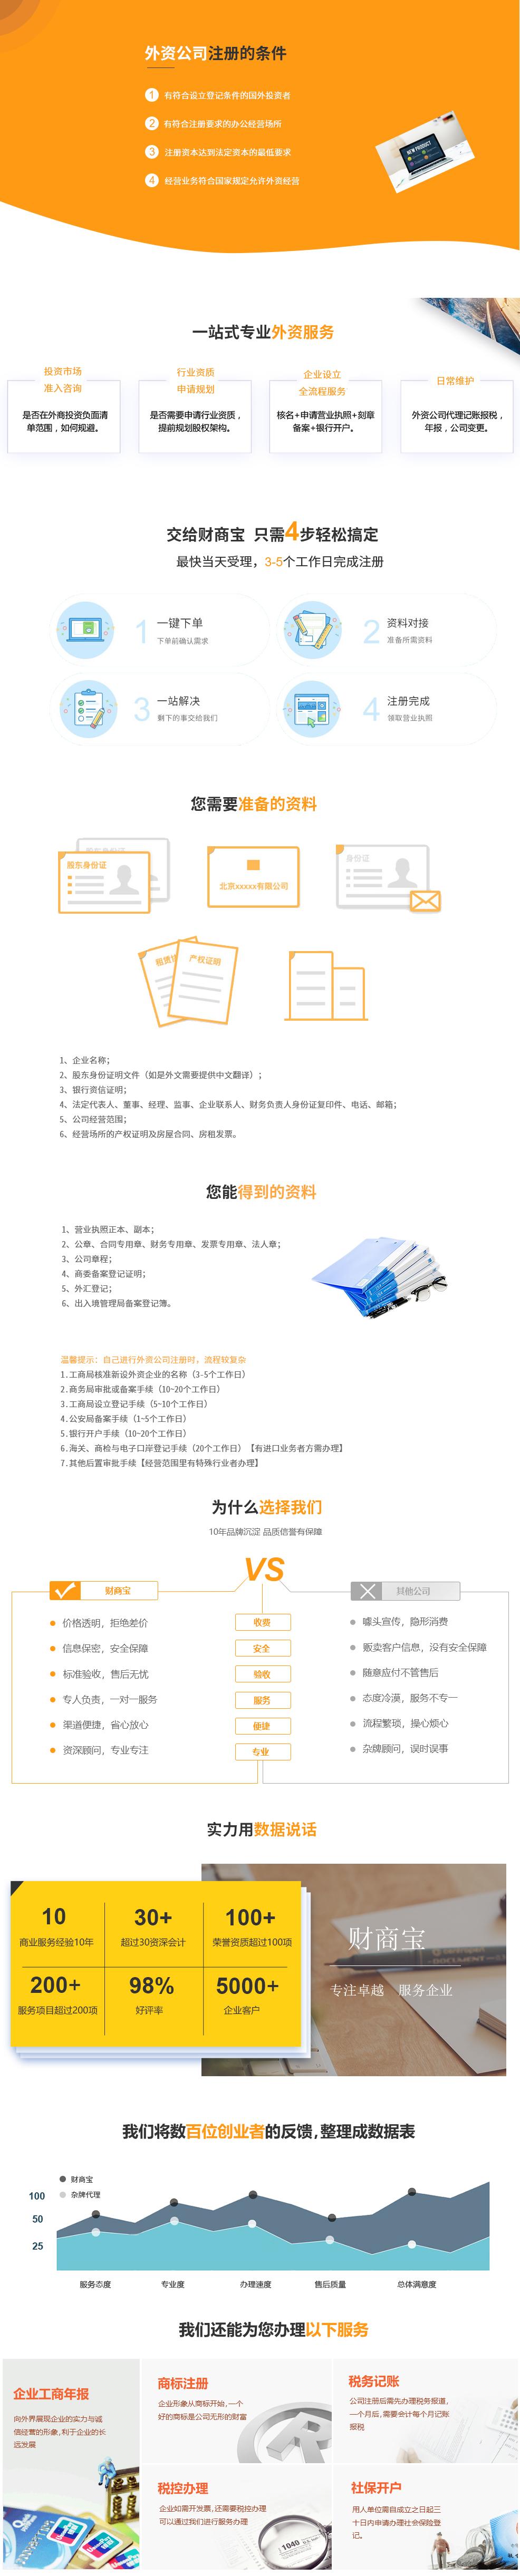 外资公司注册_03.jpg